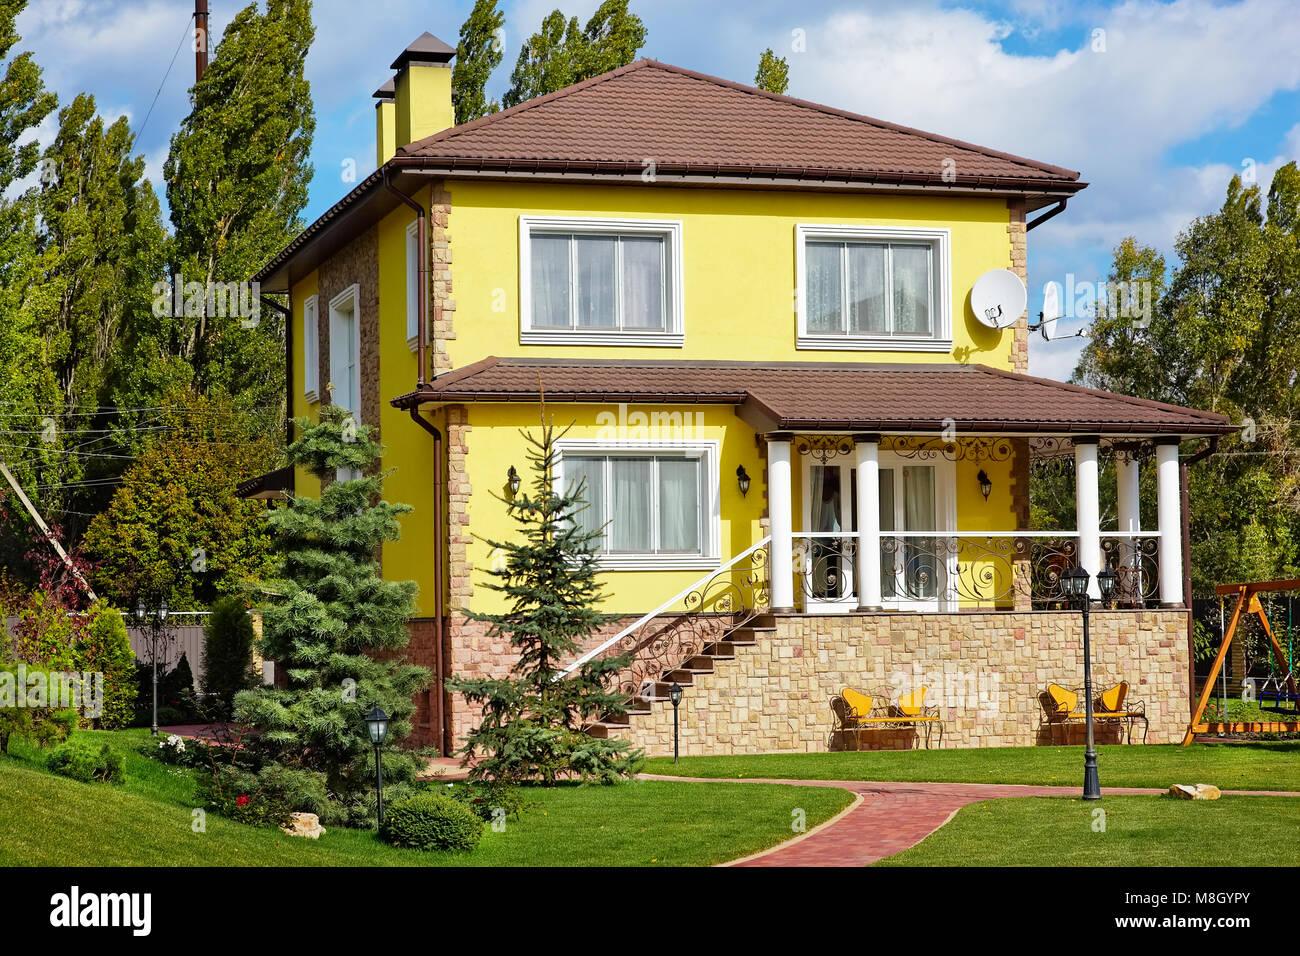 Von außen schönes Haus mit grünem Garten und Kinderspielplatz ...